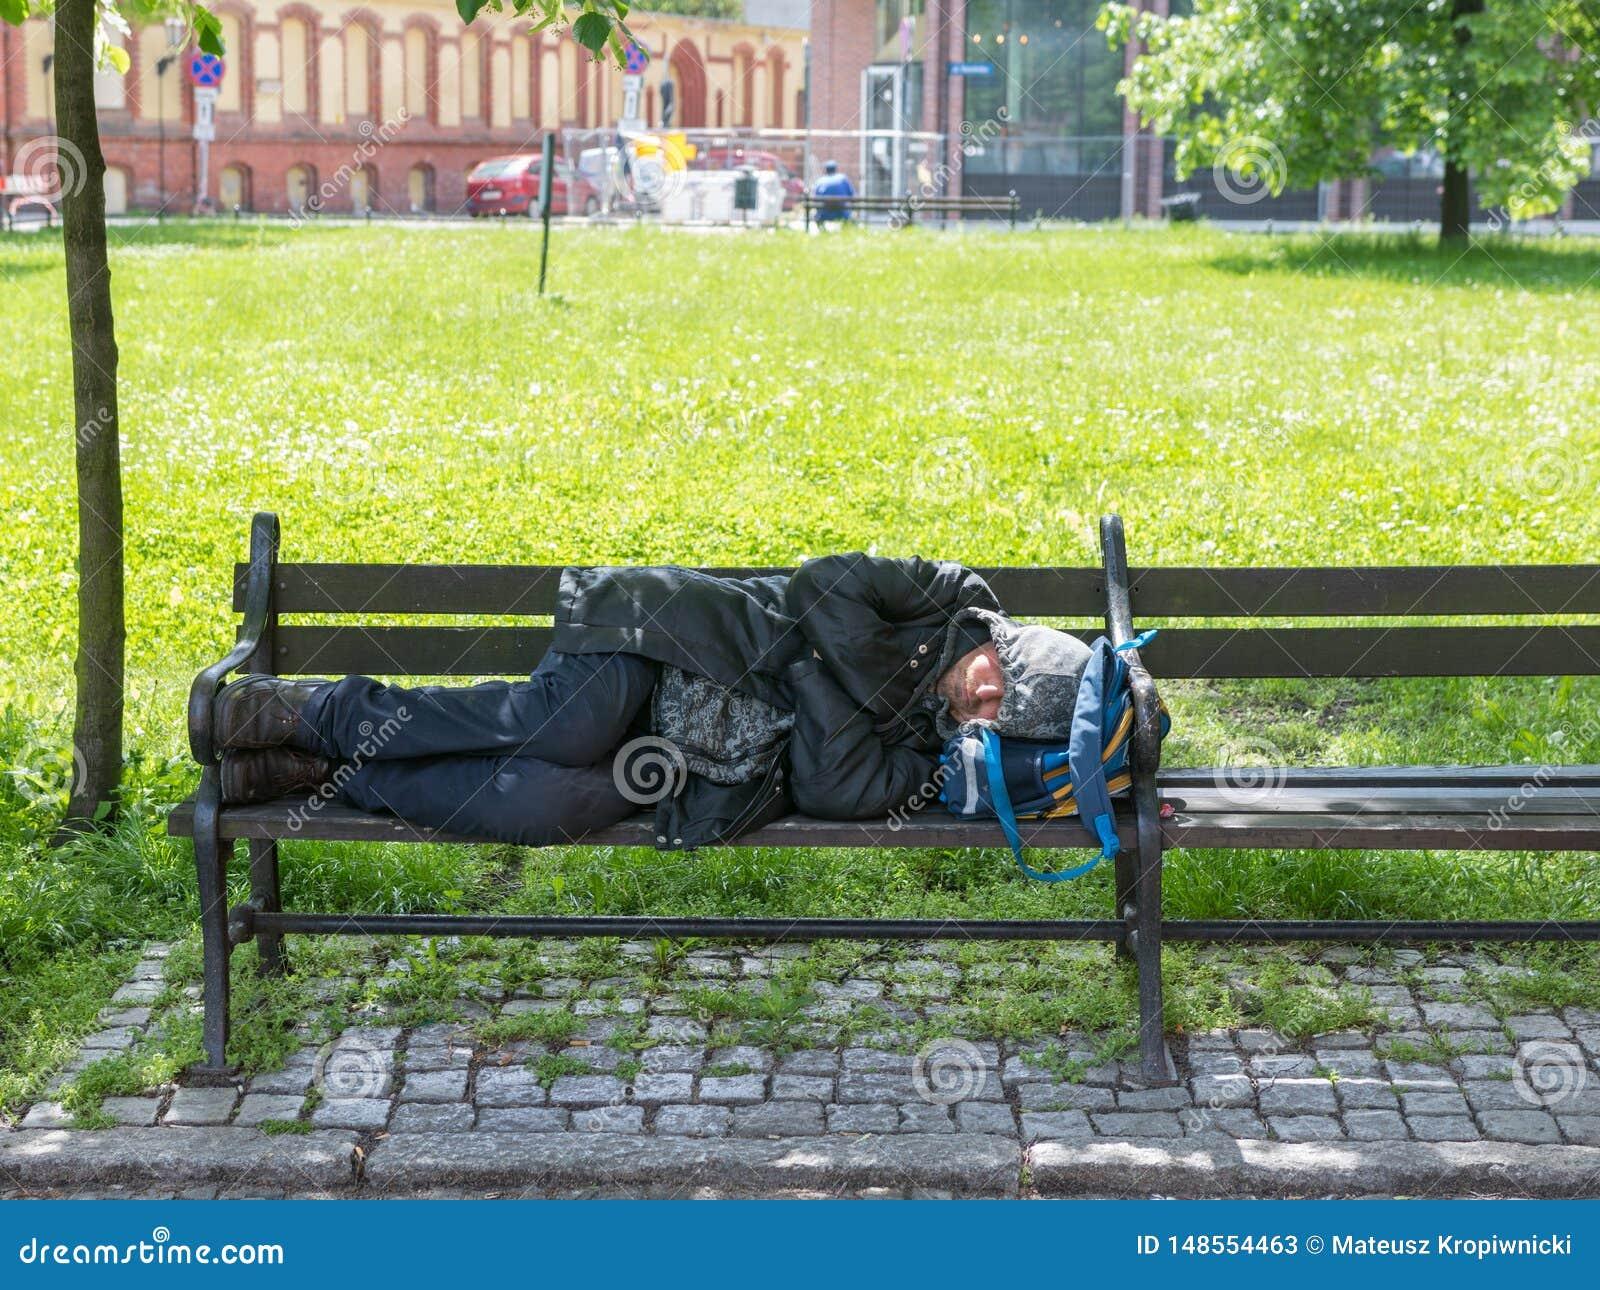 WrocÅ 'aw, Polen - Maj 24 2019: Den hemlösa mannen sover på en bänk nära ett nybyggt